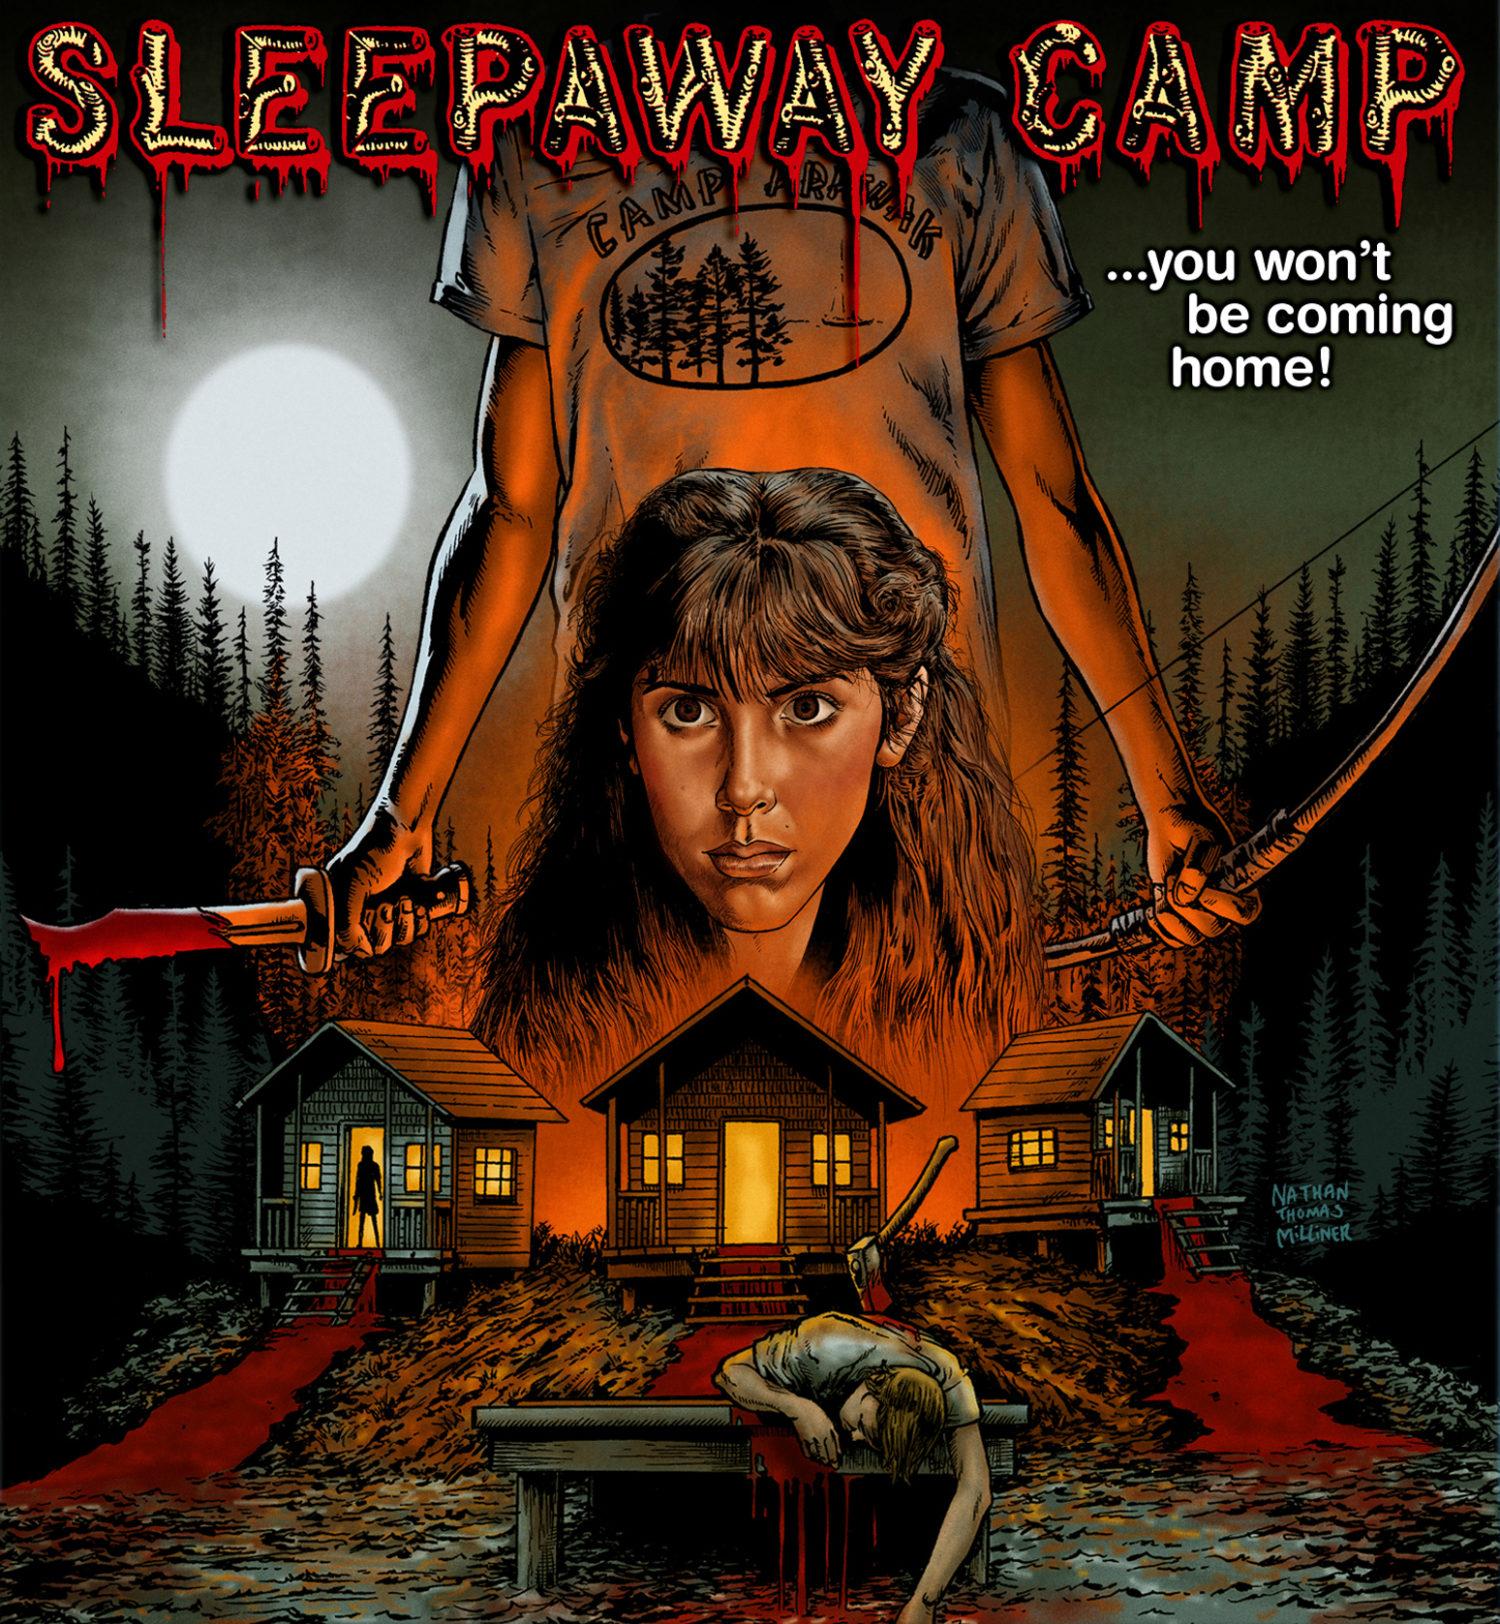 Teen sleepaway camp advisors